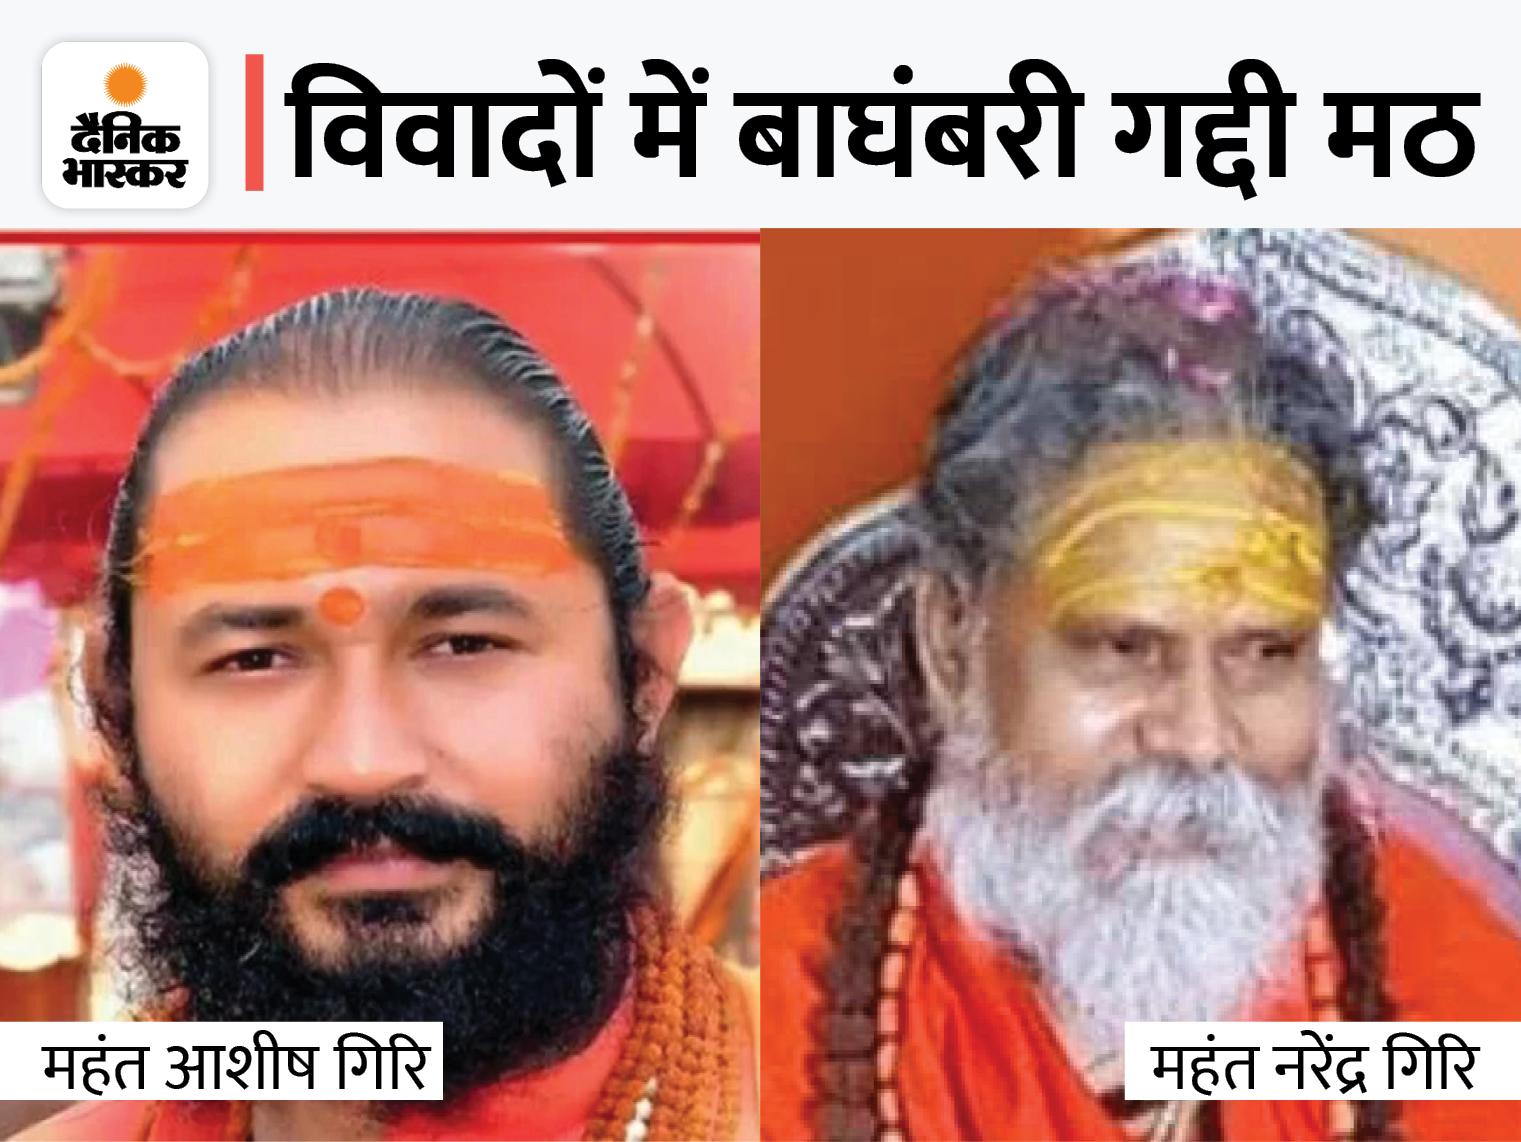 निरंजनी अखाड़े के सचिव आशीष गिरि की भी संदिग्ध परिस्थितियों में हुई थी मौत, आनंद गिरि ने इसे हत्या करार दिया था प्रयागराज (इलाहाबाद),Prayagraj (Allahabad) - Dainik Bhaskar